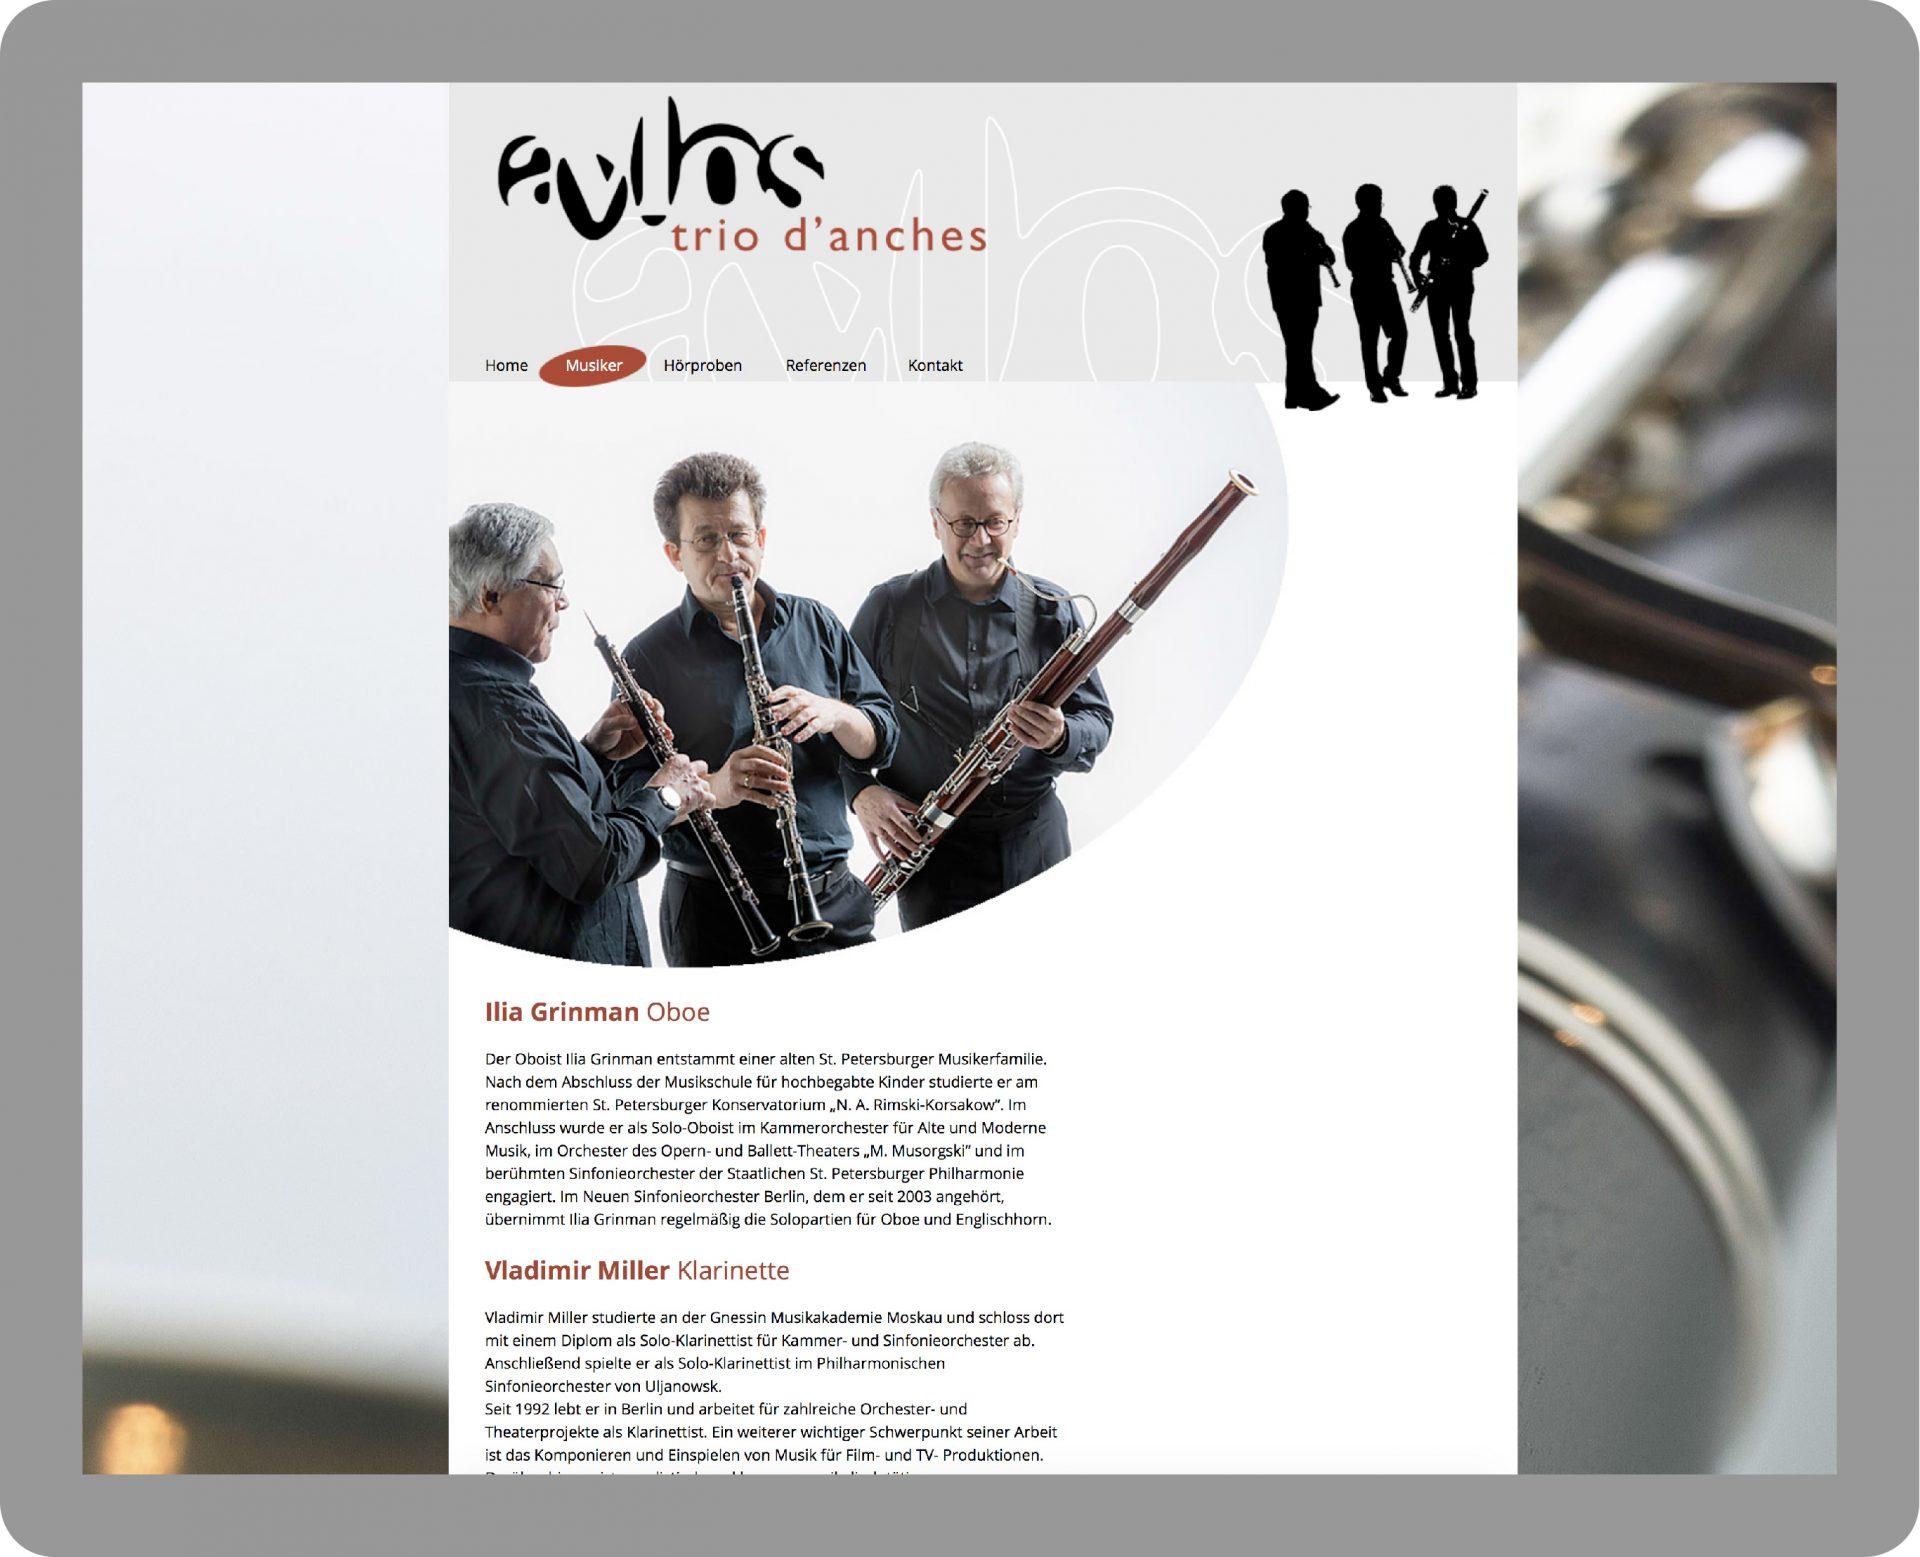 Webseitengestaltung Avlos - Typoly